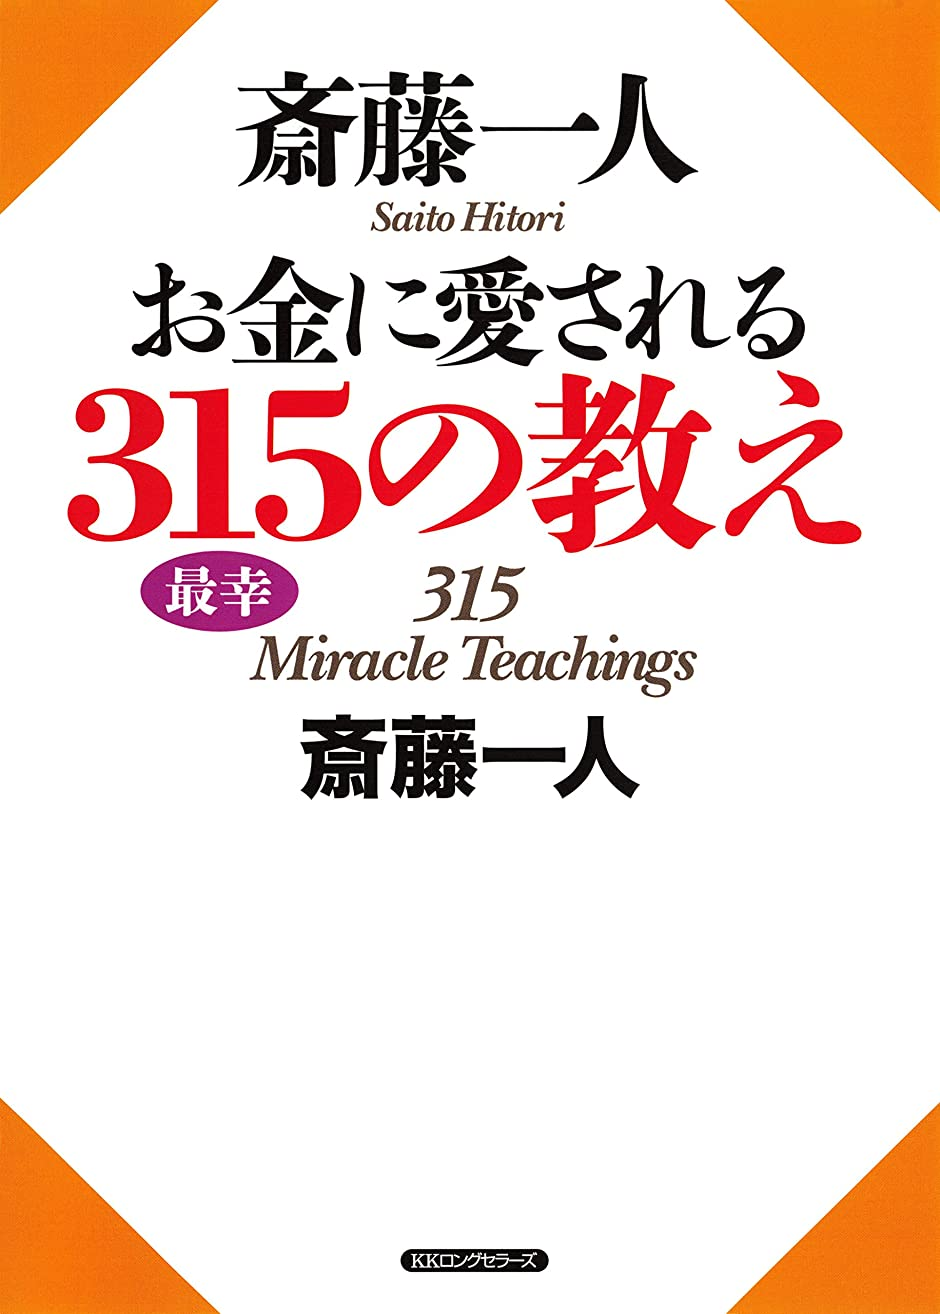 曲げるファンブル囚人斎藤一人 お金に愛される315の教え (KKロングセラーズ)